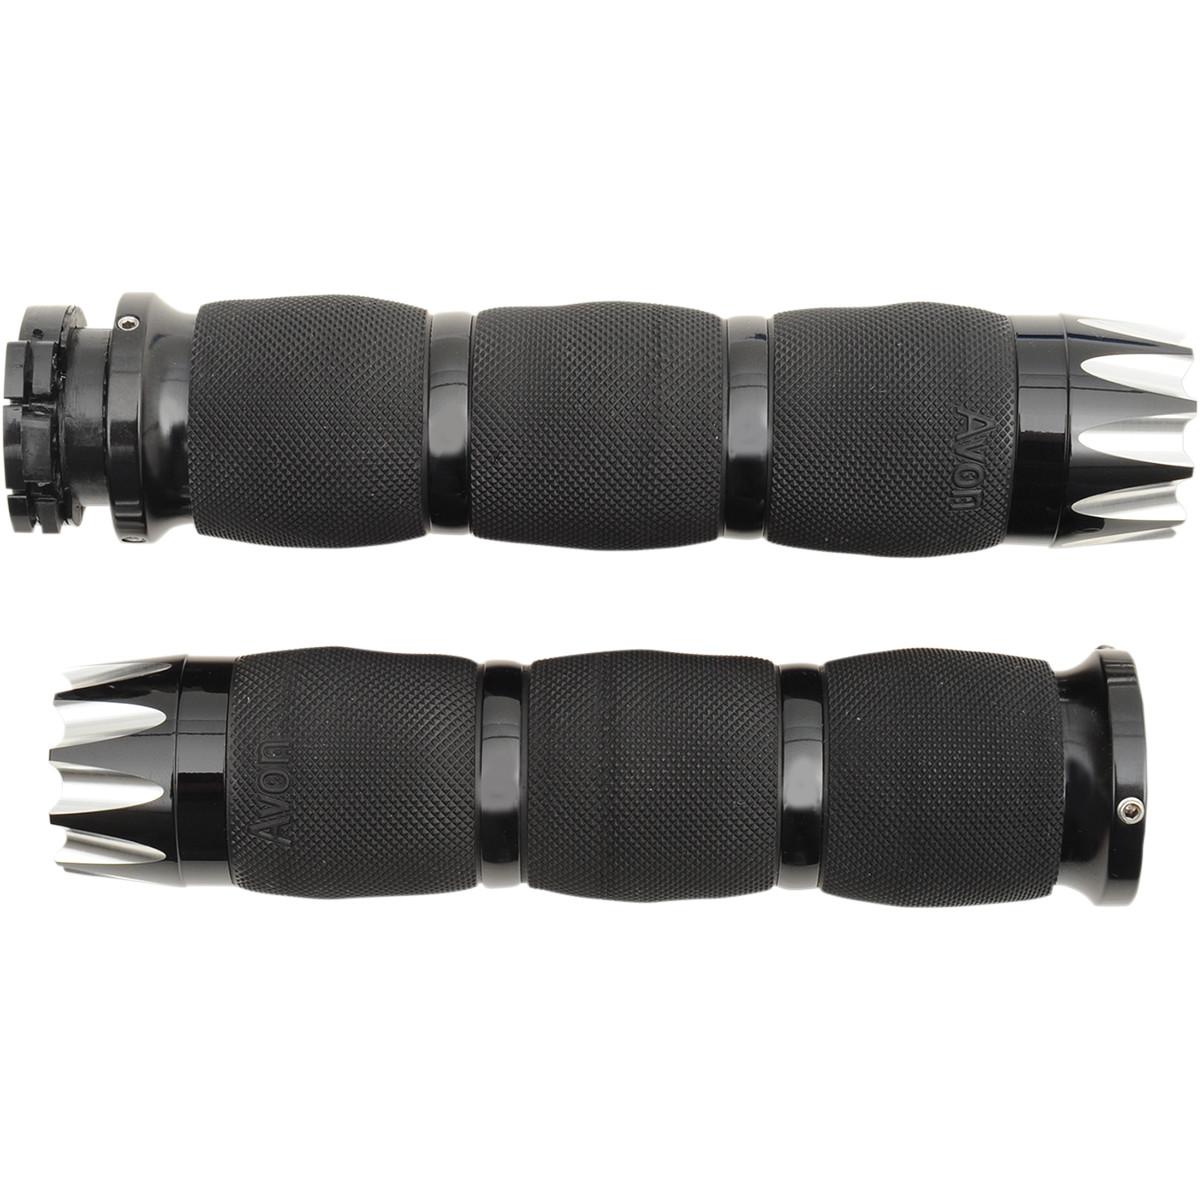 Avon Grips Black Air Cushion Grips IN-S-AIR-90-ANO